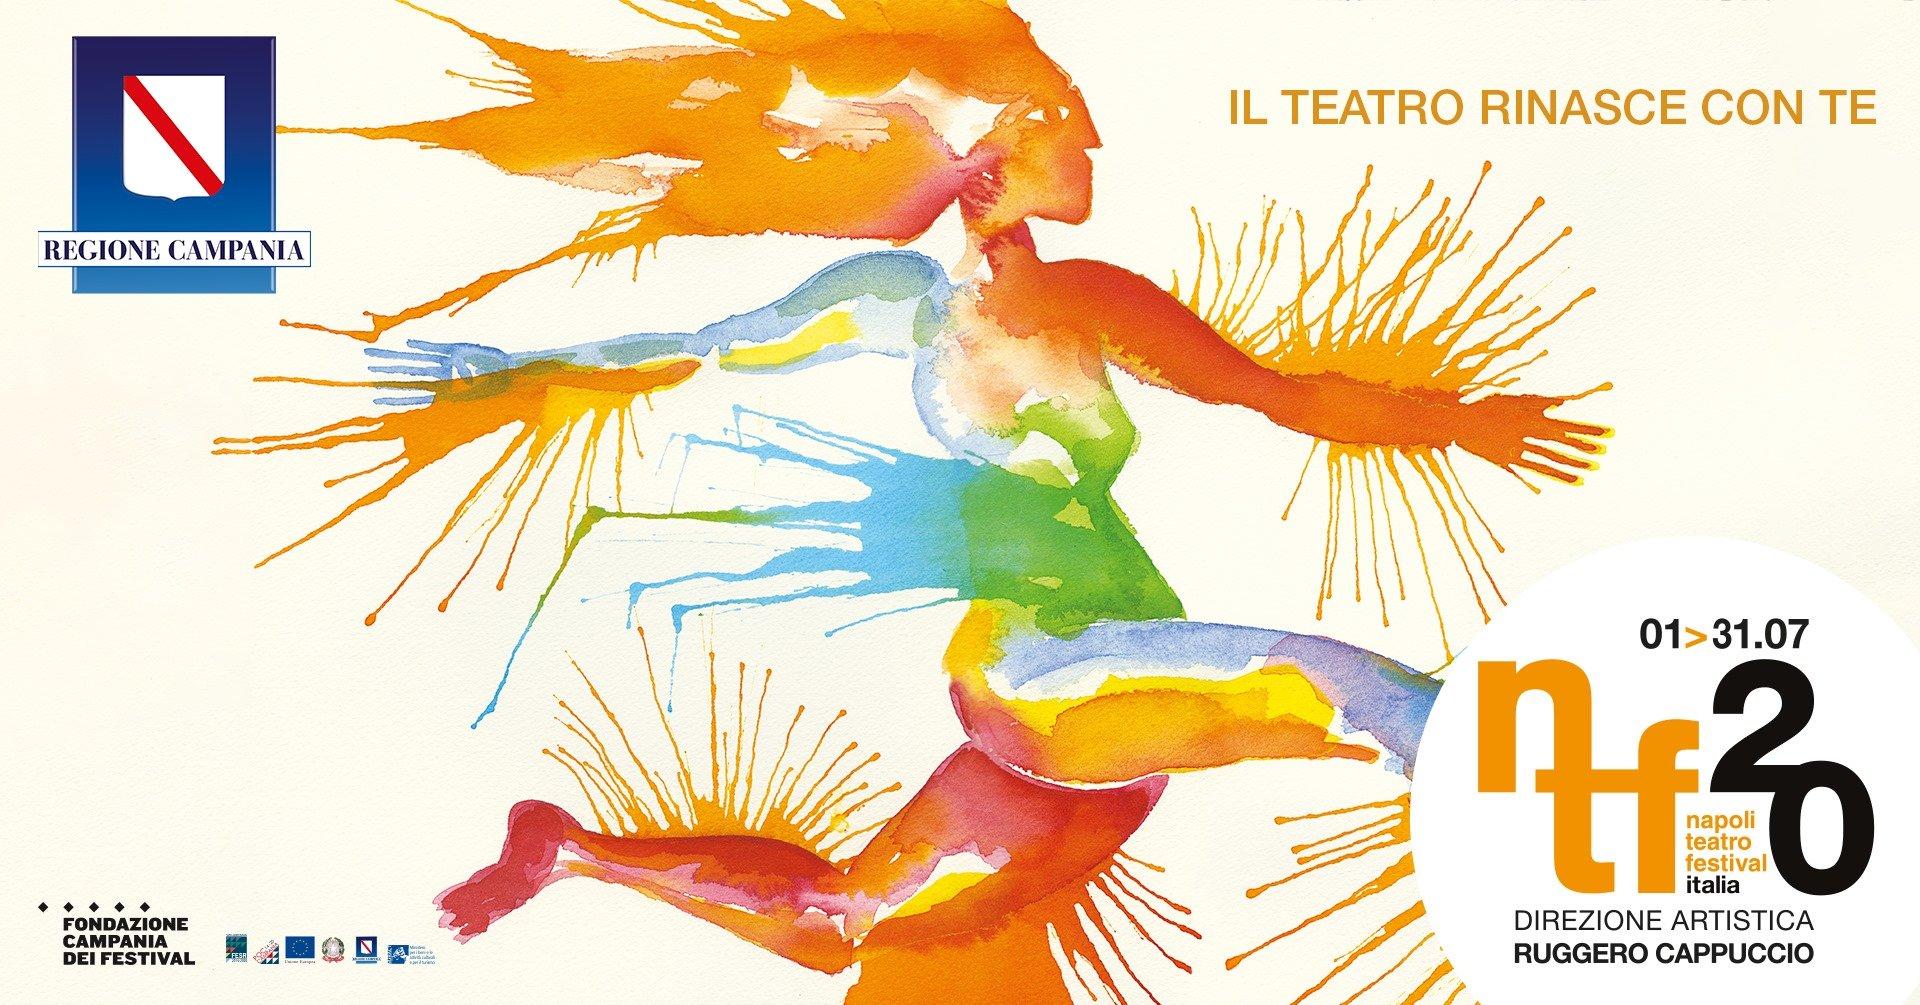 Napoli Teatro Festival Italia 2020: Dal 1° al 31 luglio 130 eventi tutti all'aperto